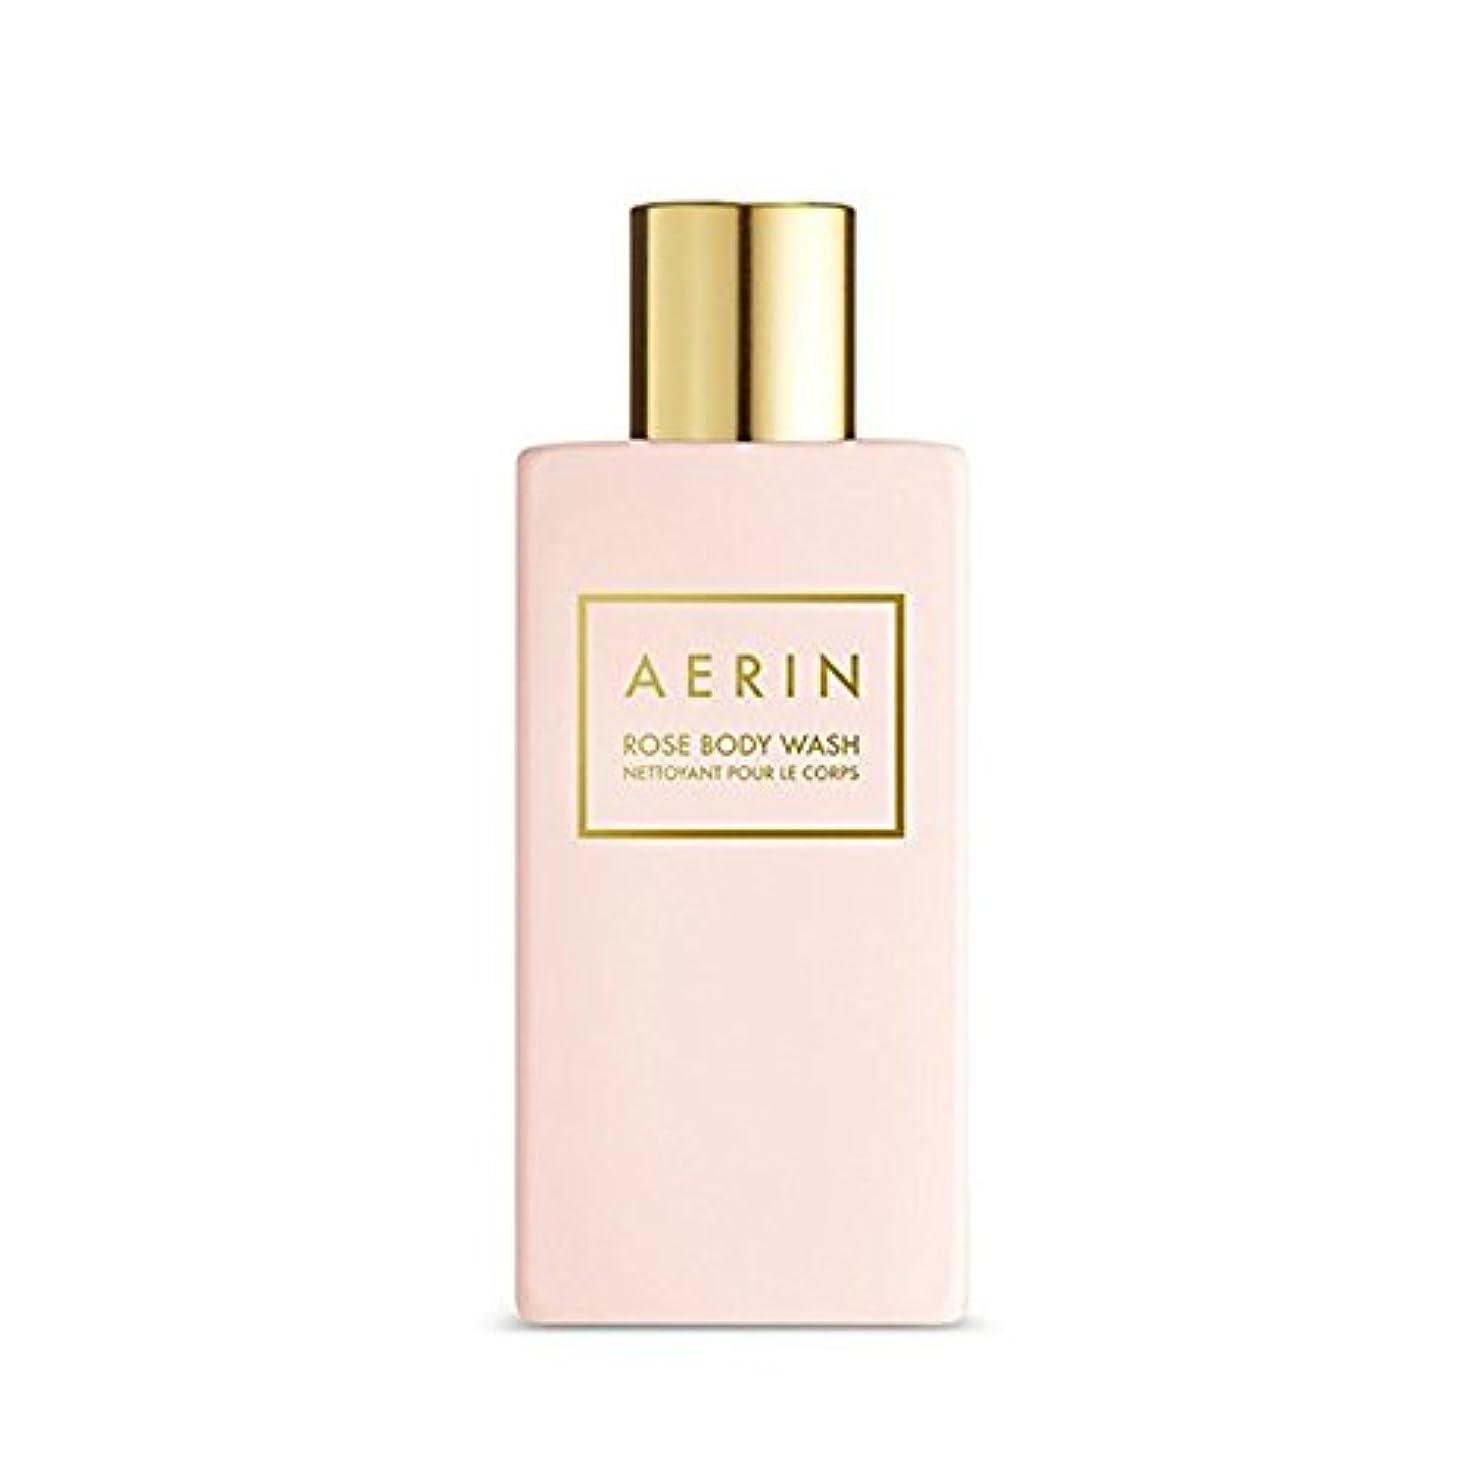 真珠のような句読点剥ぎ取るAERIN Rose Body Wash(アエリン ローズ ボディー ウオッシュ) 7.6 oz (225ml) by Estee Lauder